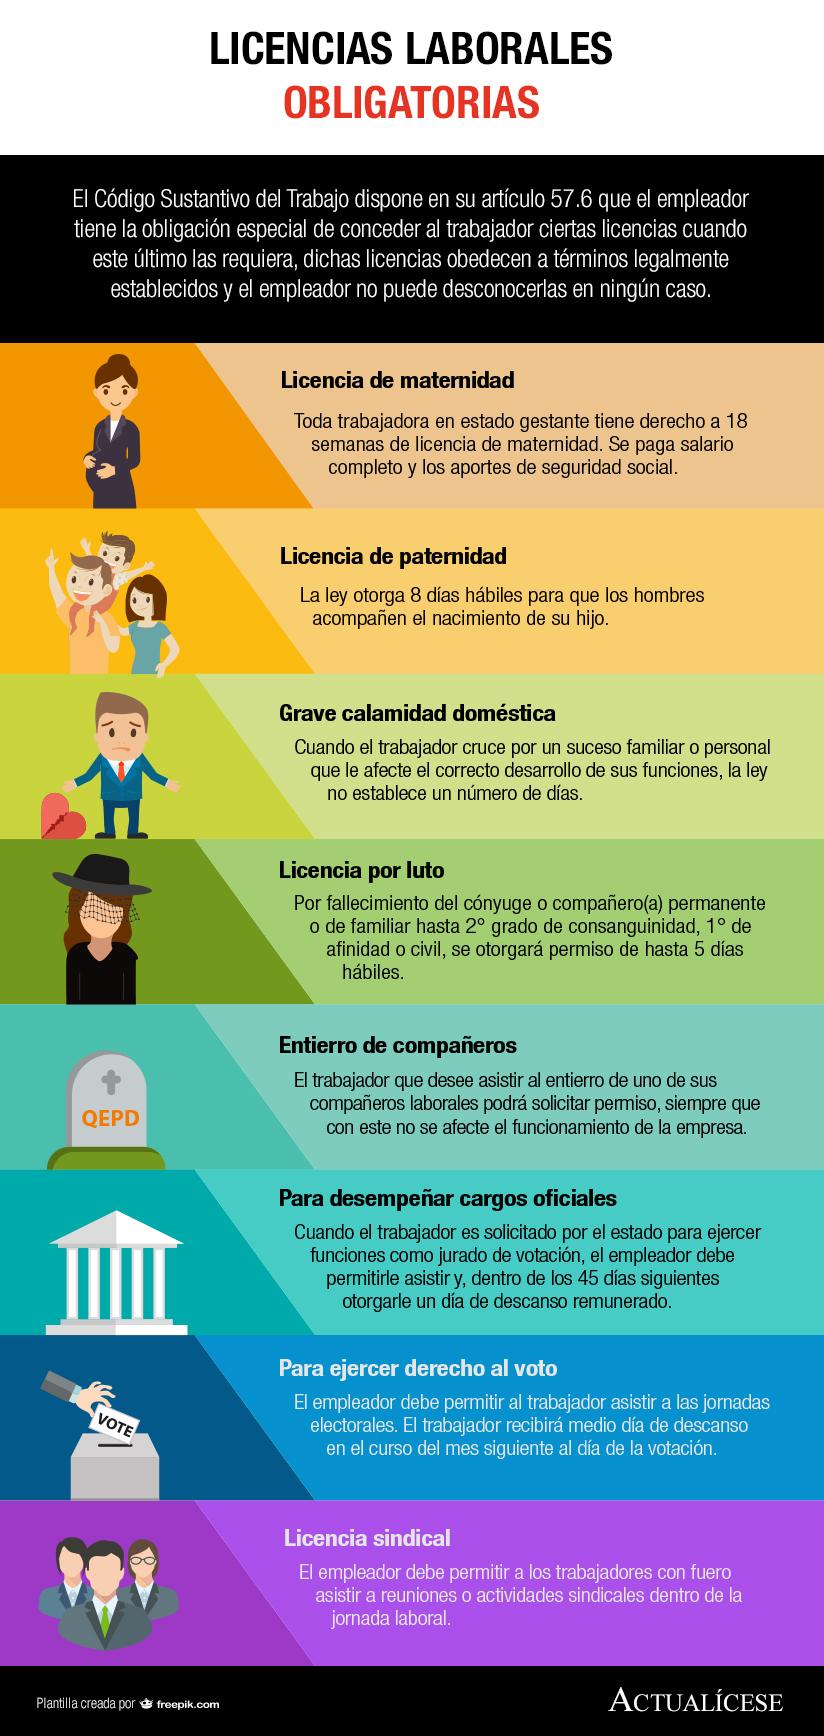 [Infografía] Licencias laborales obligatorias